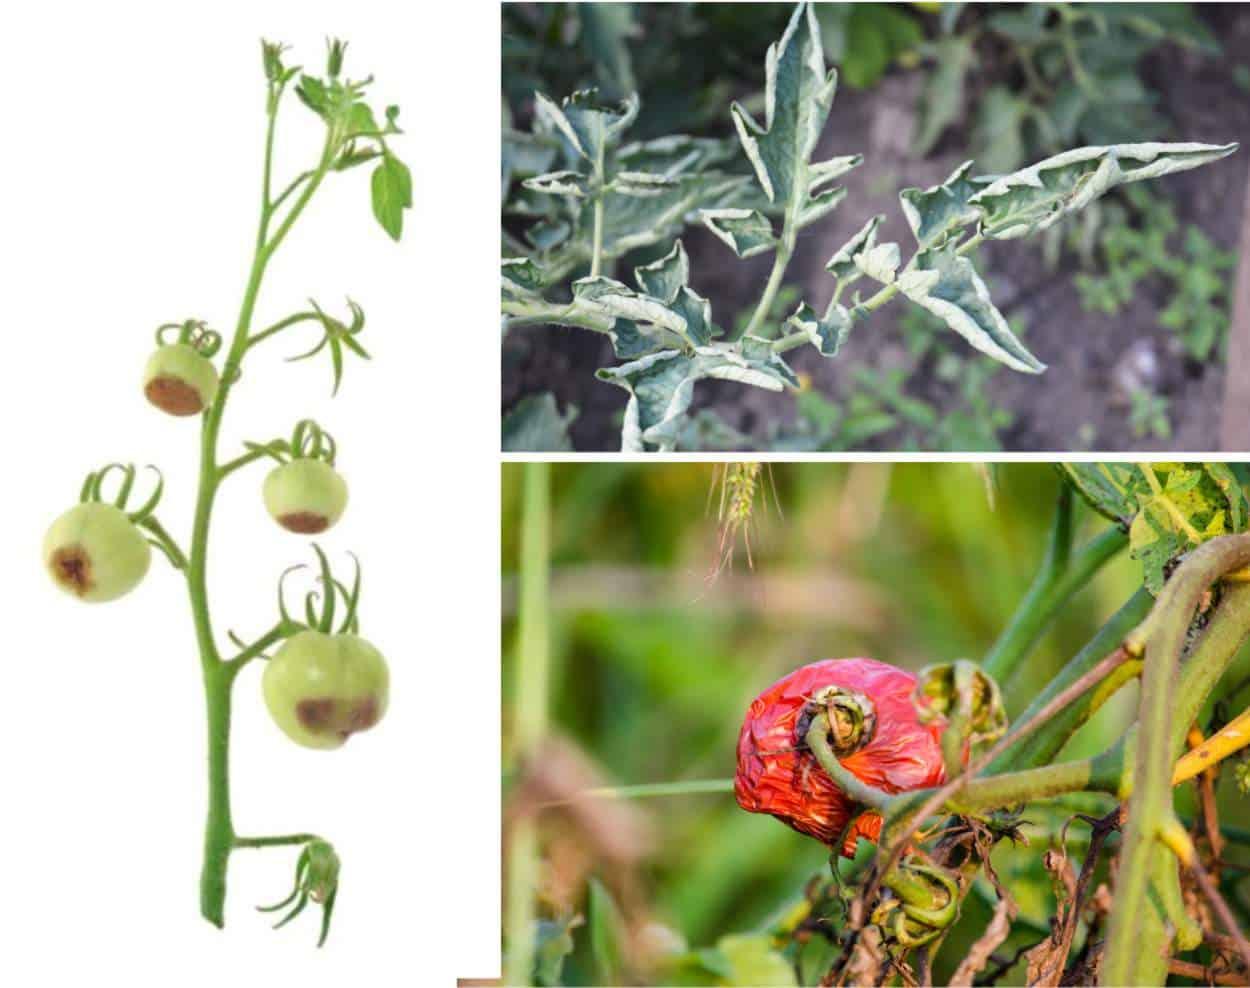 Problemi ai pomodori: identificazione e soluzioni bio